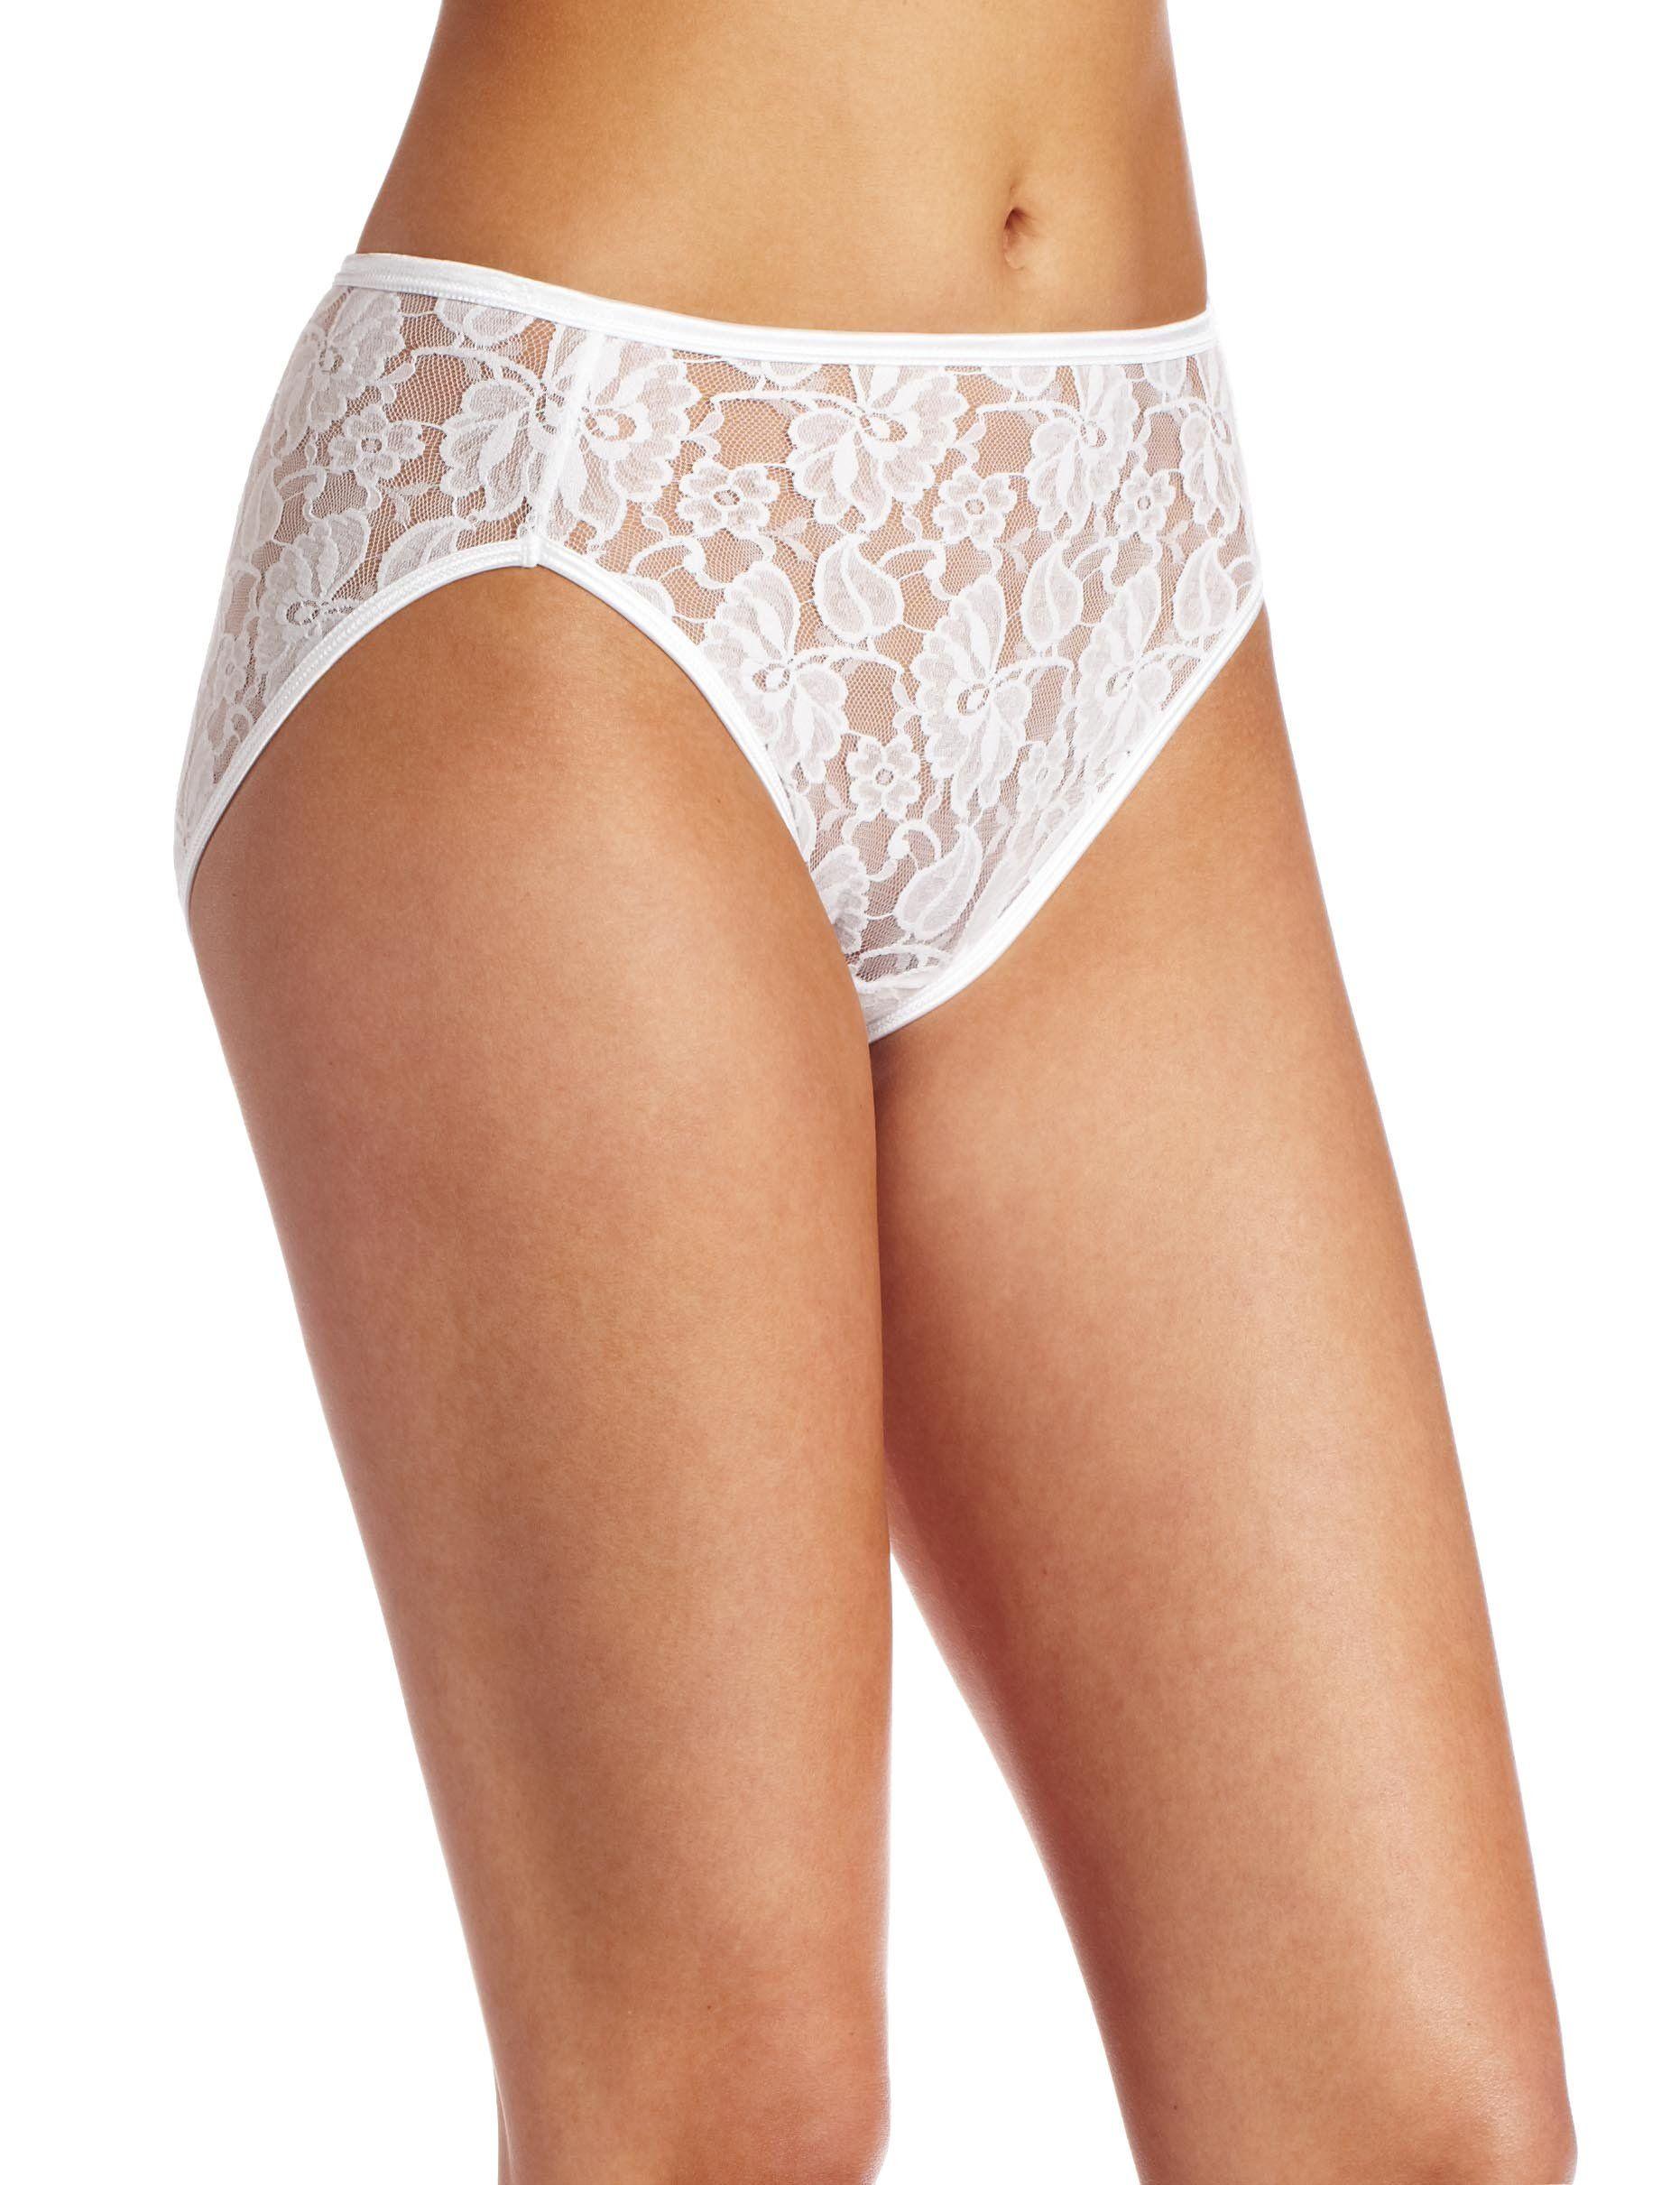 Vanity Fair Womens Illumination Helenca Lace Hi Cut Panty